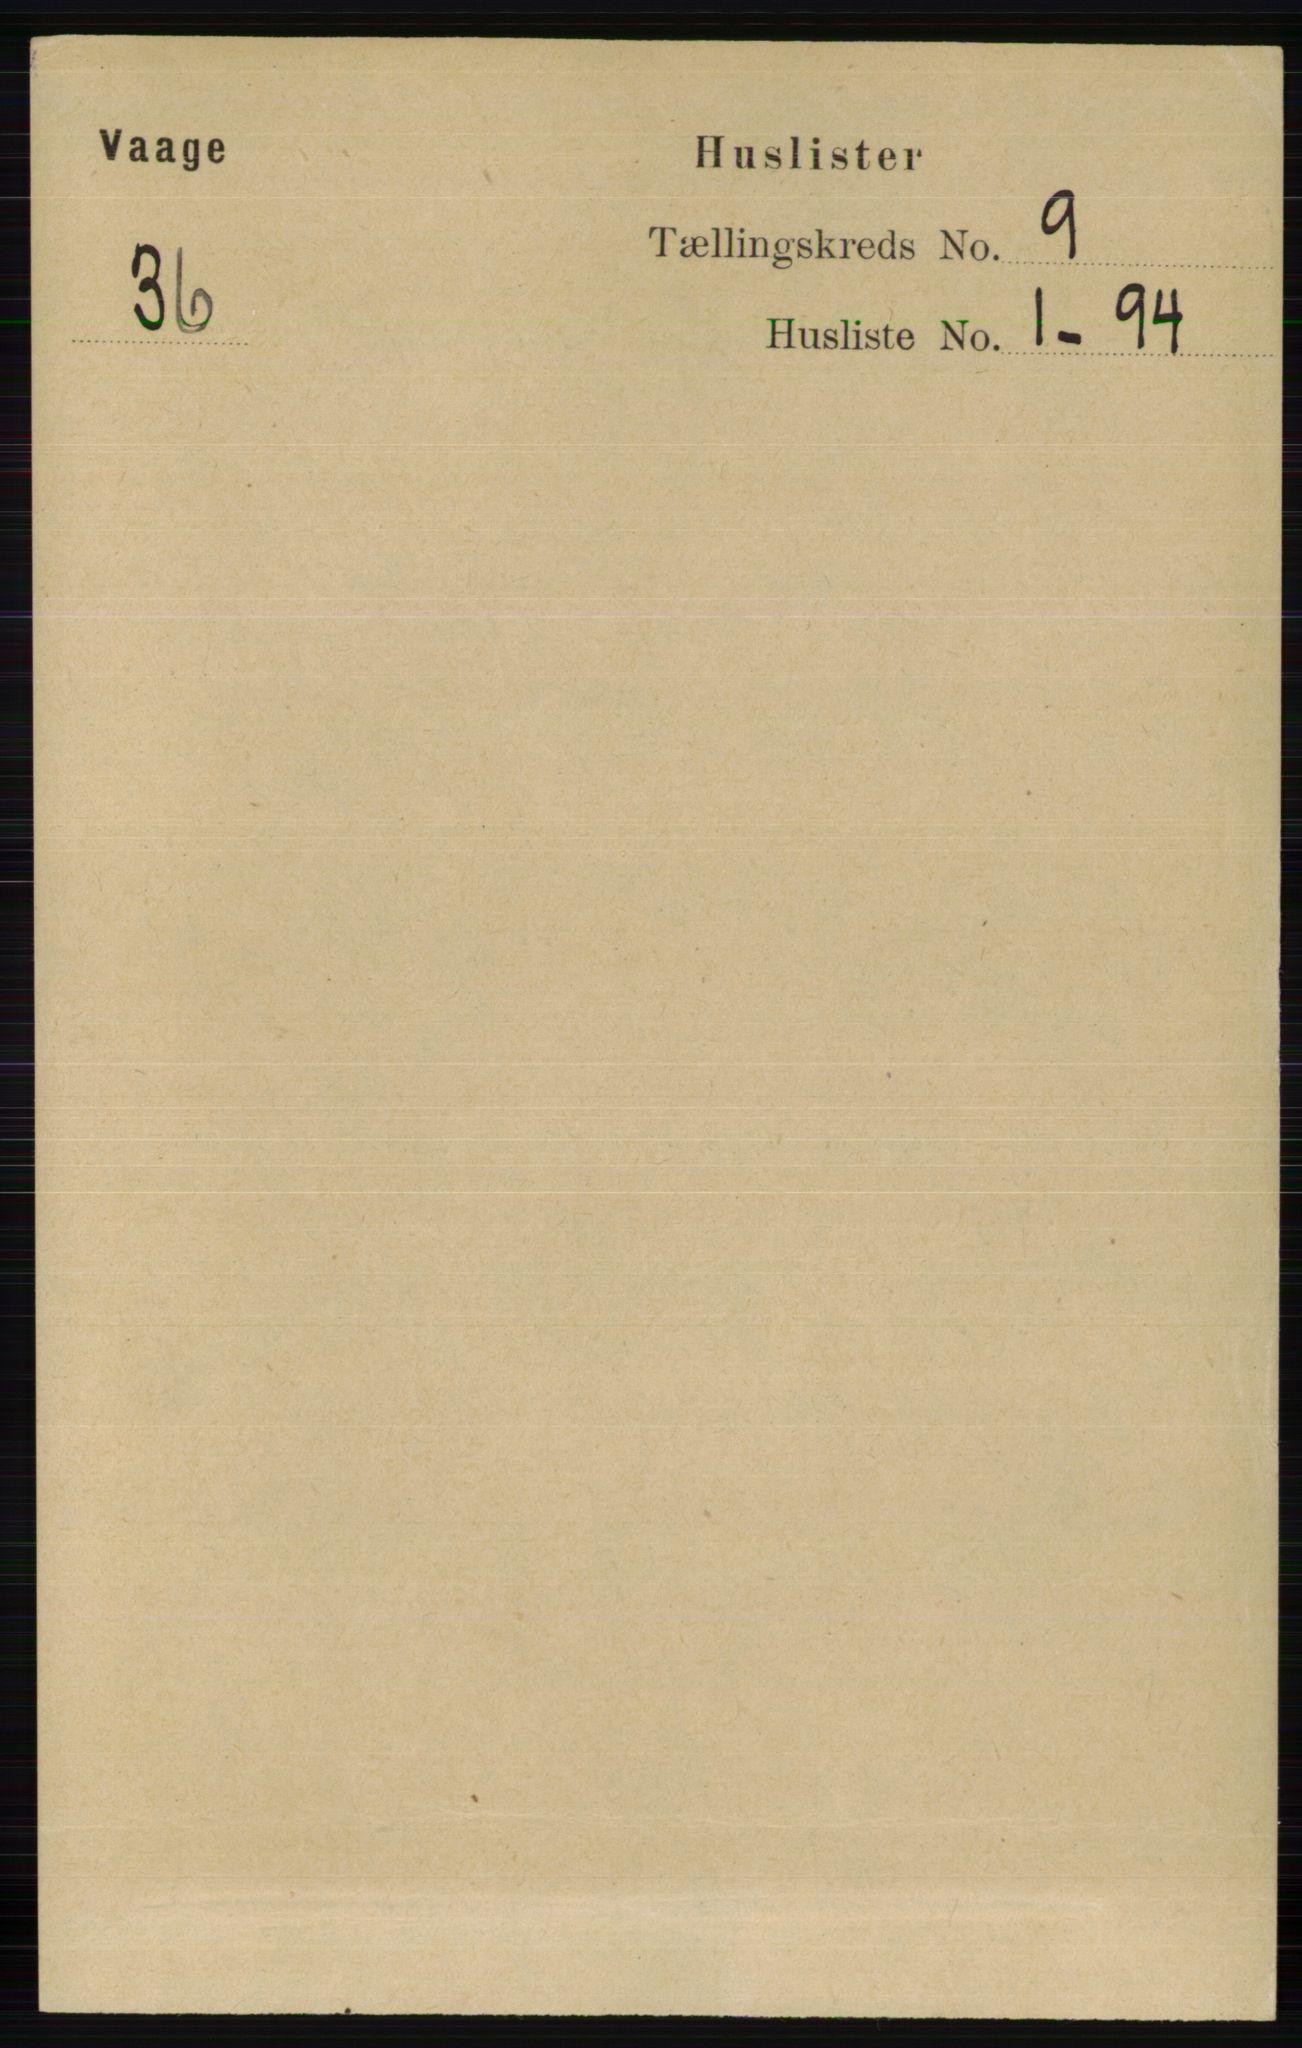 RA, Folketelling 1891 for 0515 Vågå herred, 1891, s. 5382